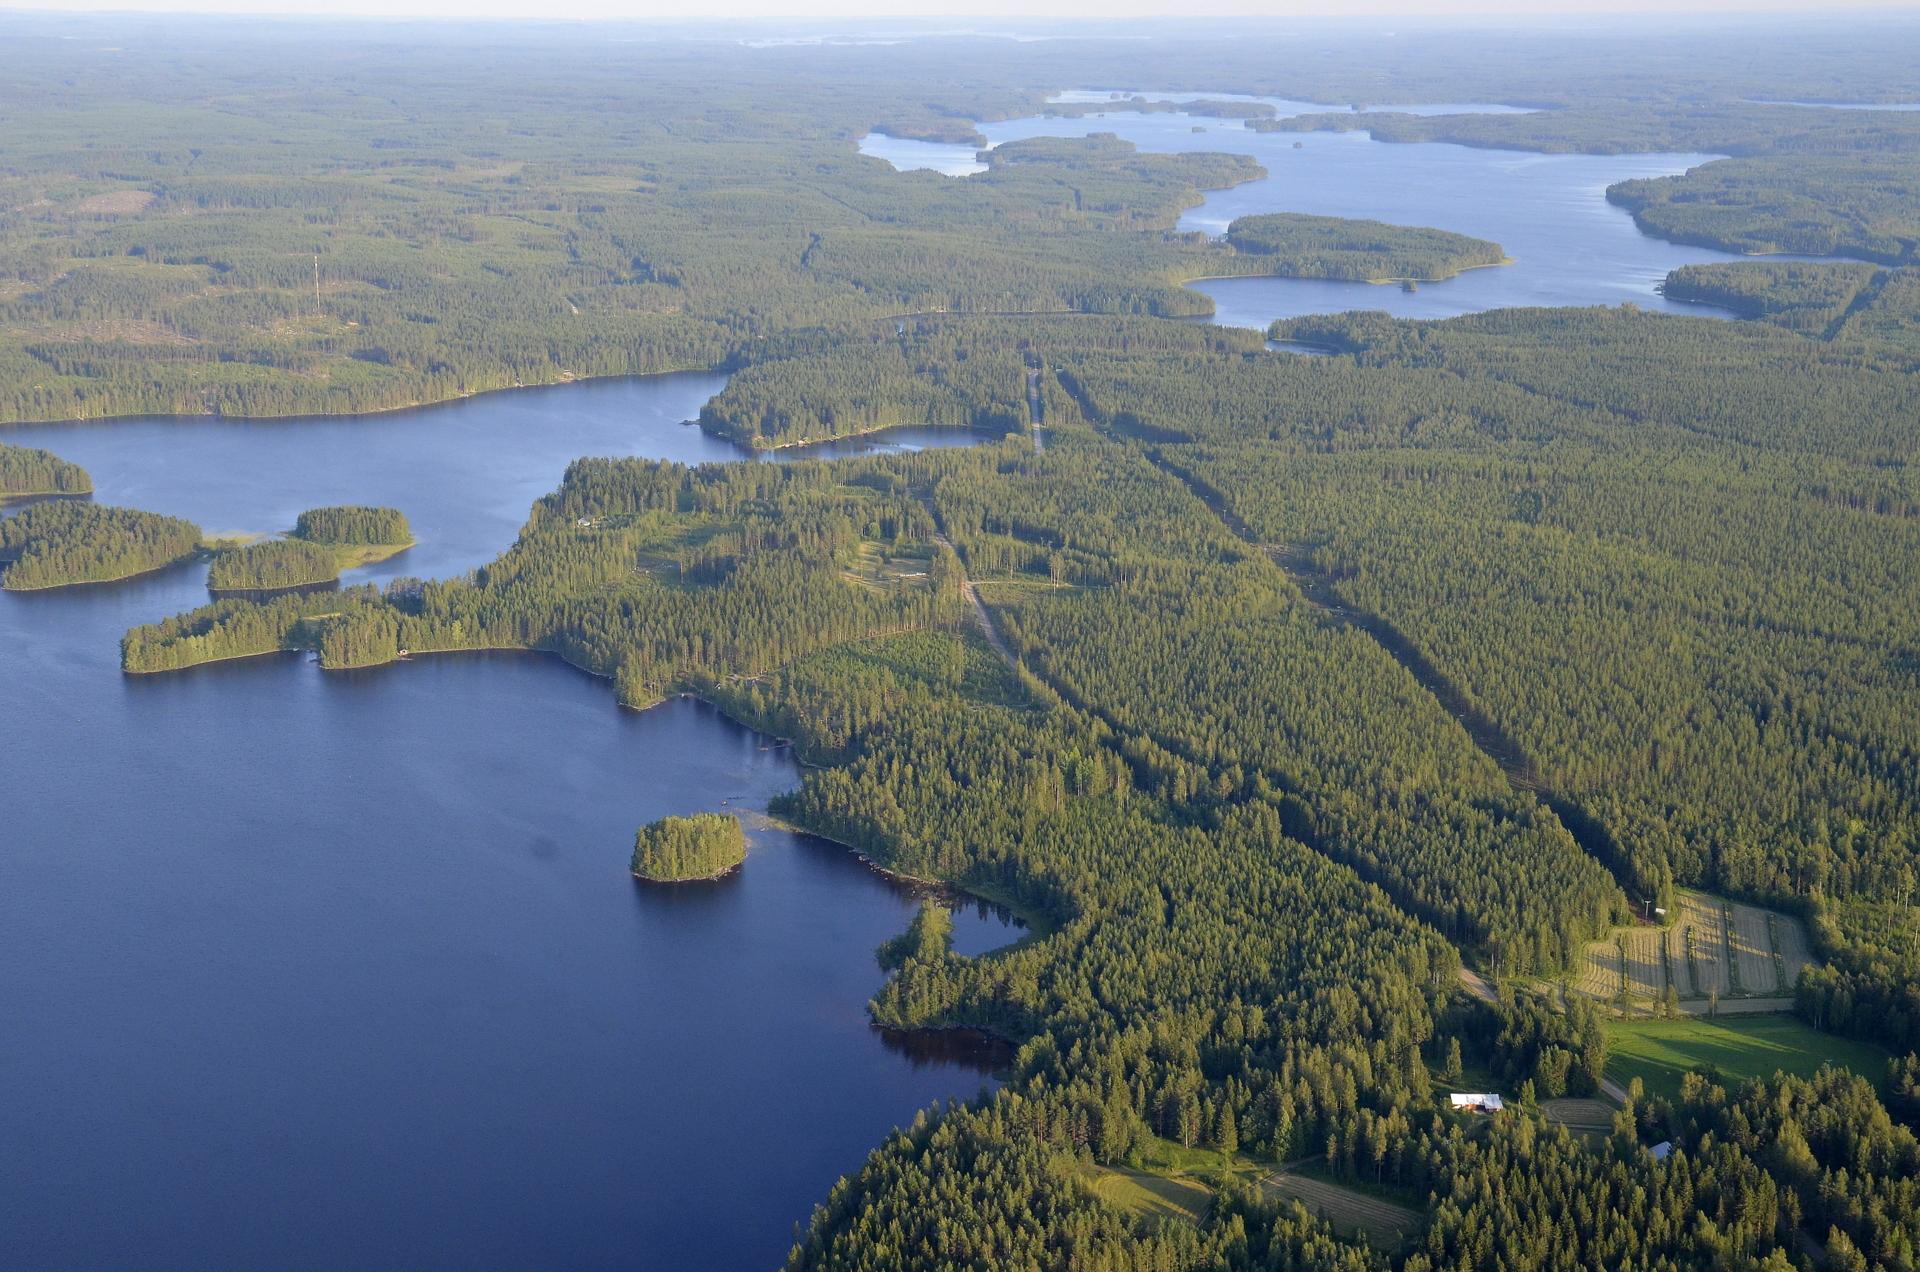 Korvenperän taloja, vas kivijärven Kuivaselkää. Kauempana näkyy Kannonjävi.